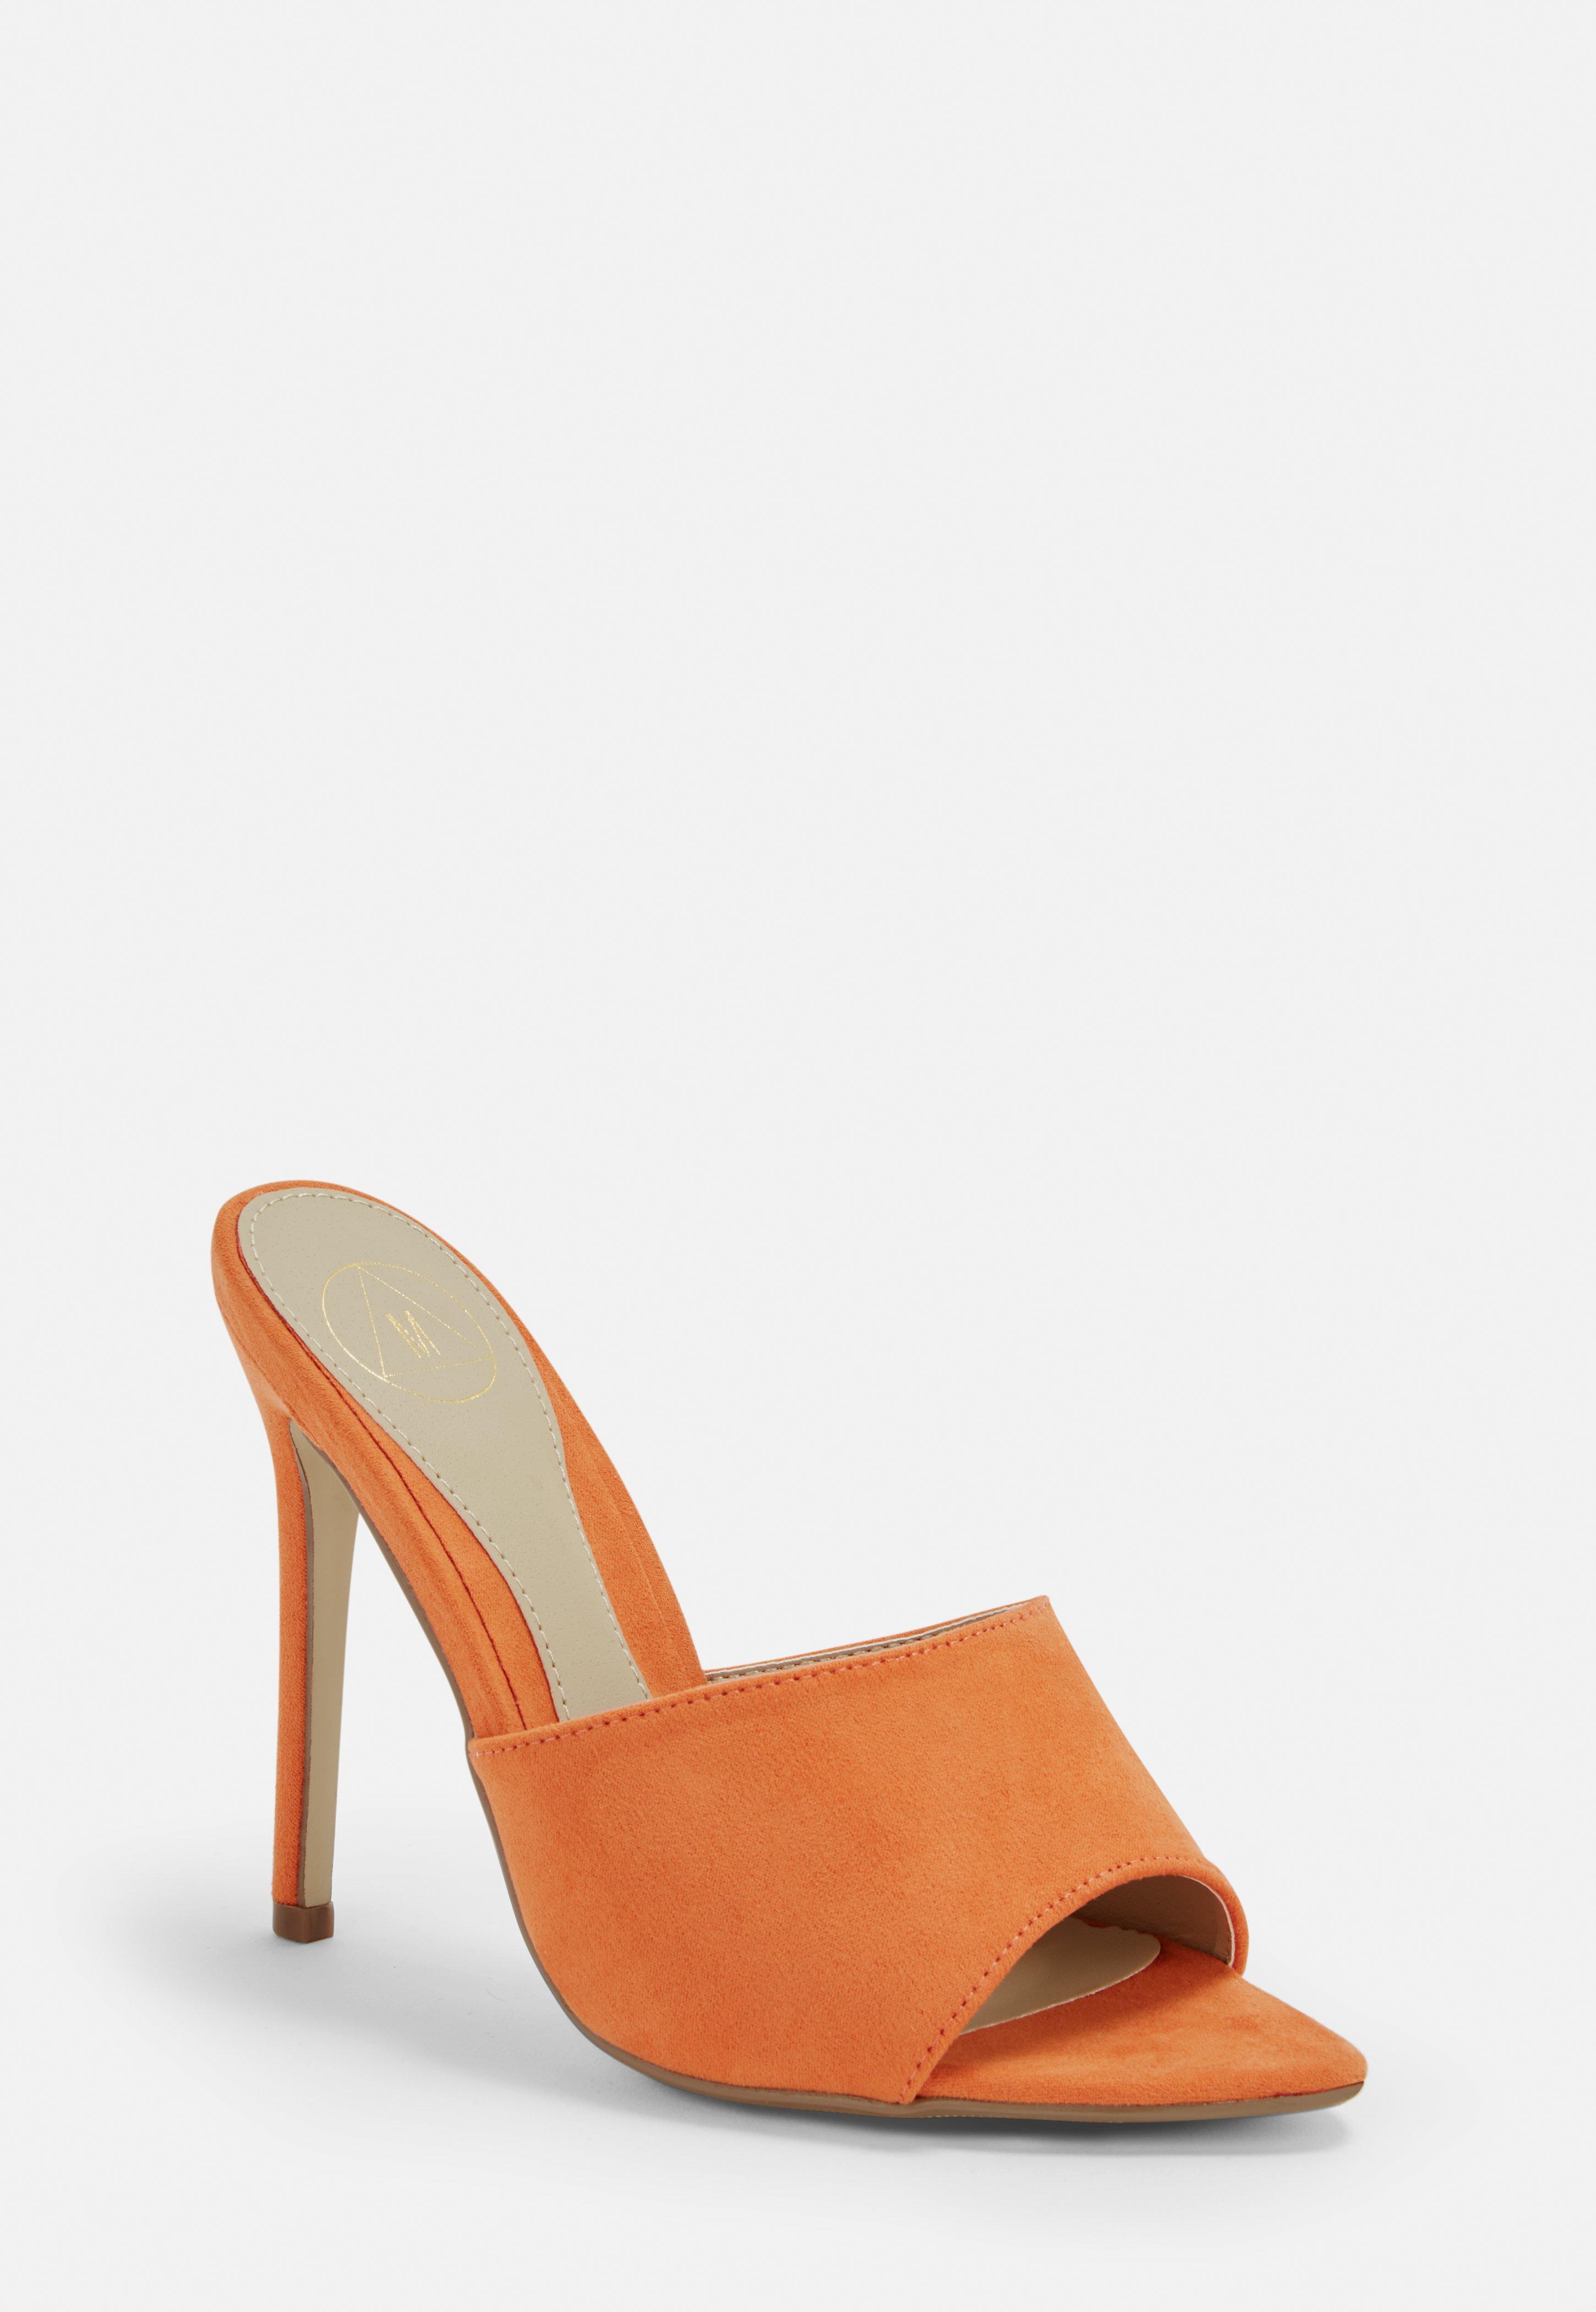 2e41834ec54 Women s Mules - Shop Mule Shoes Online